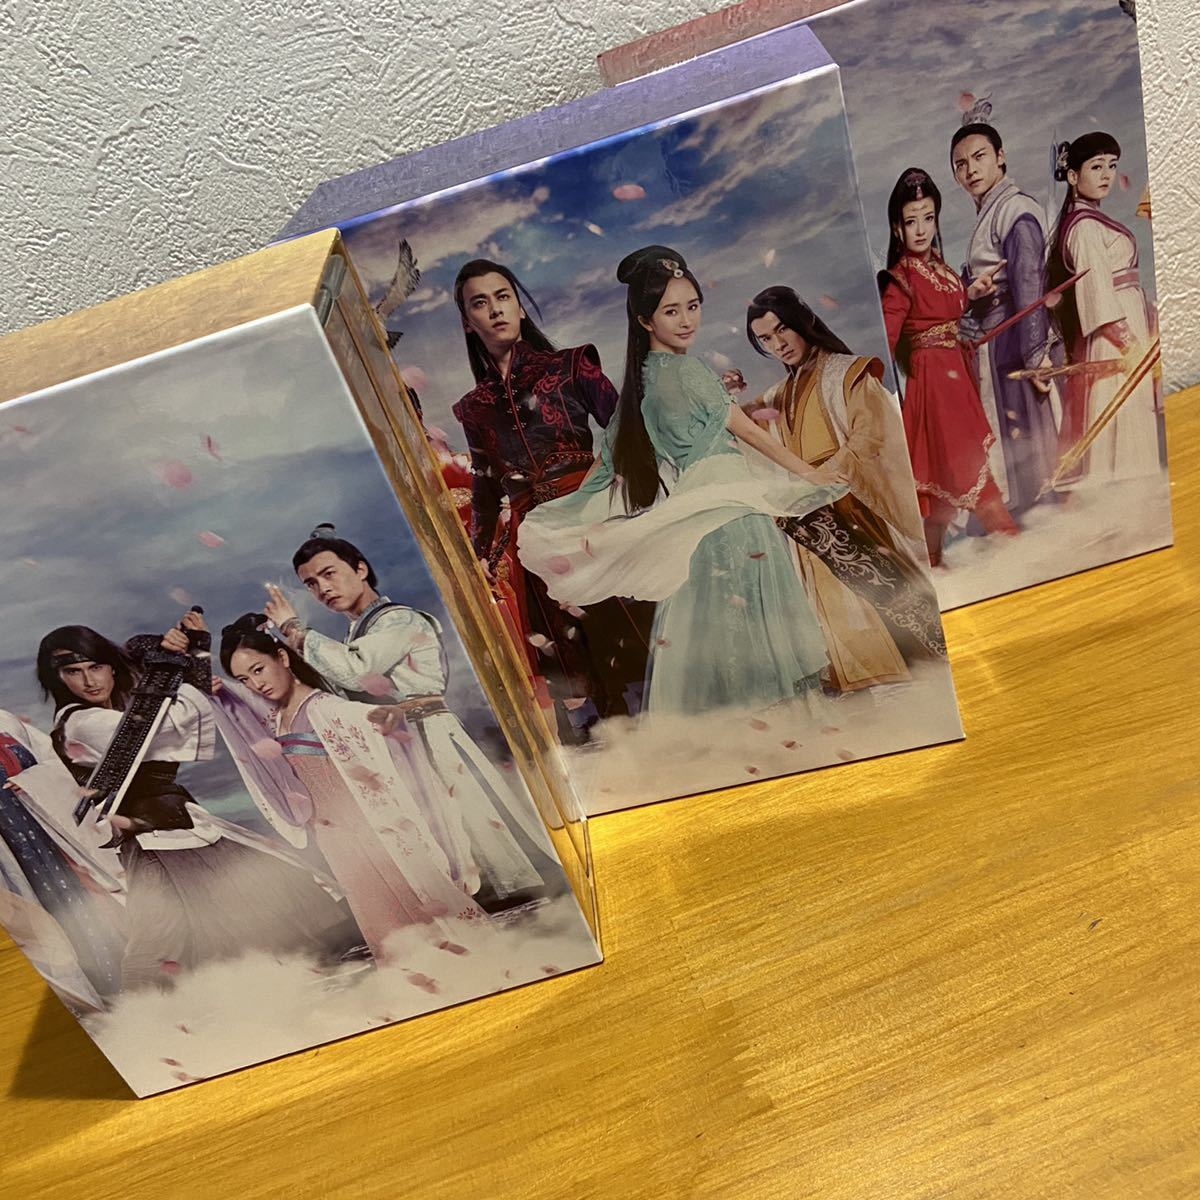 古剣奇譚 DVD 中国ドラマ リーイーフォン ヤンミー